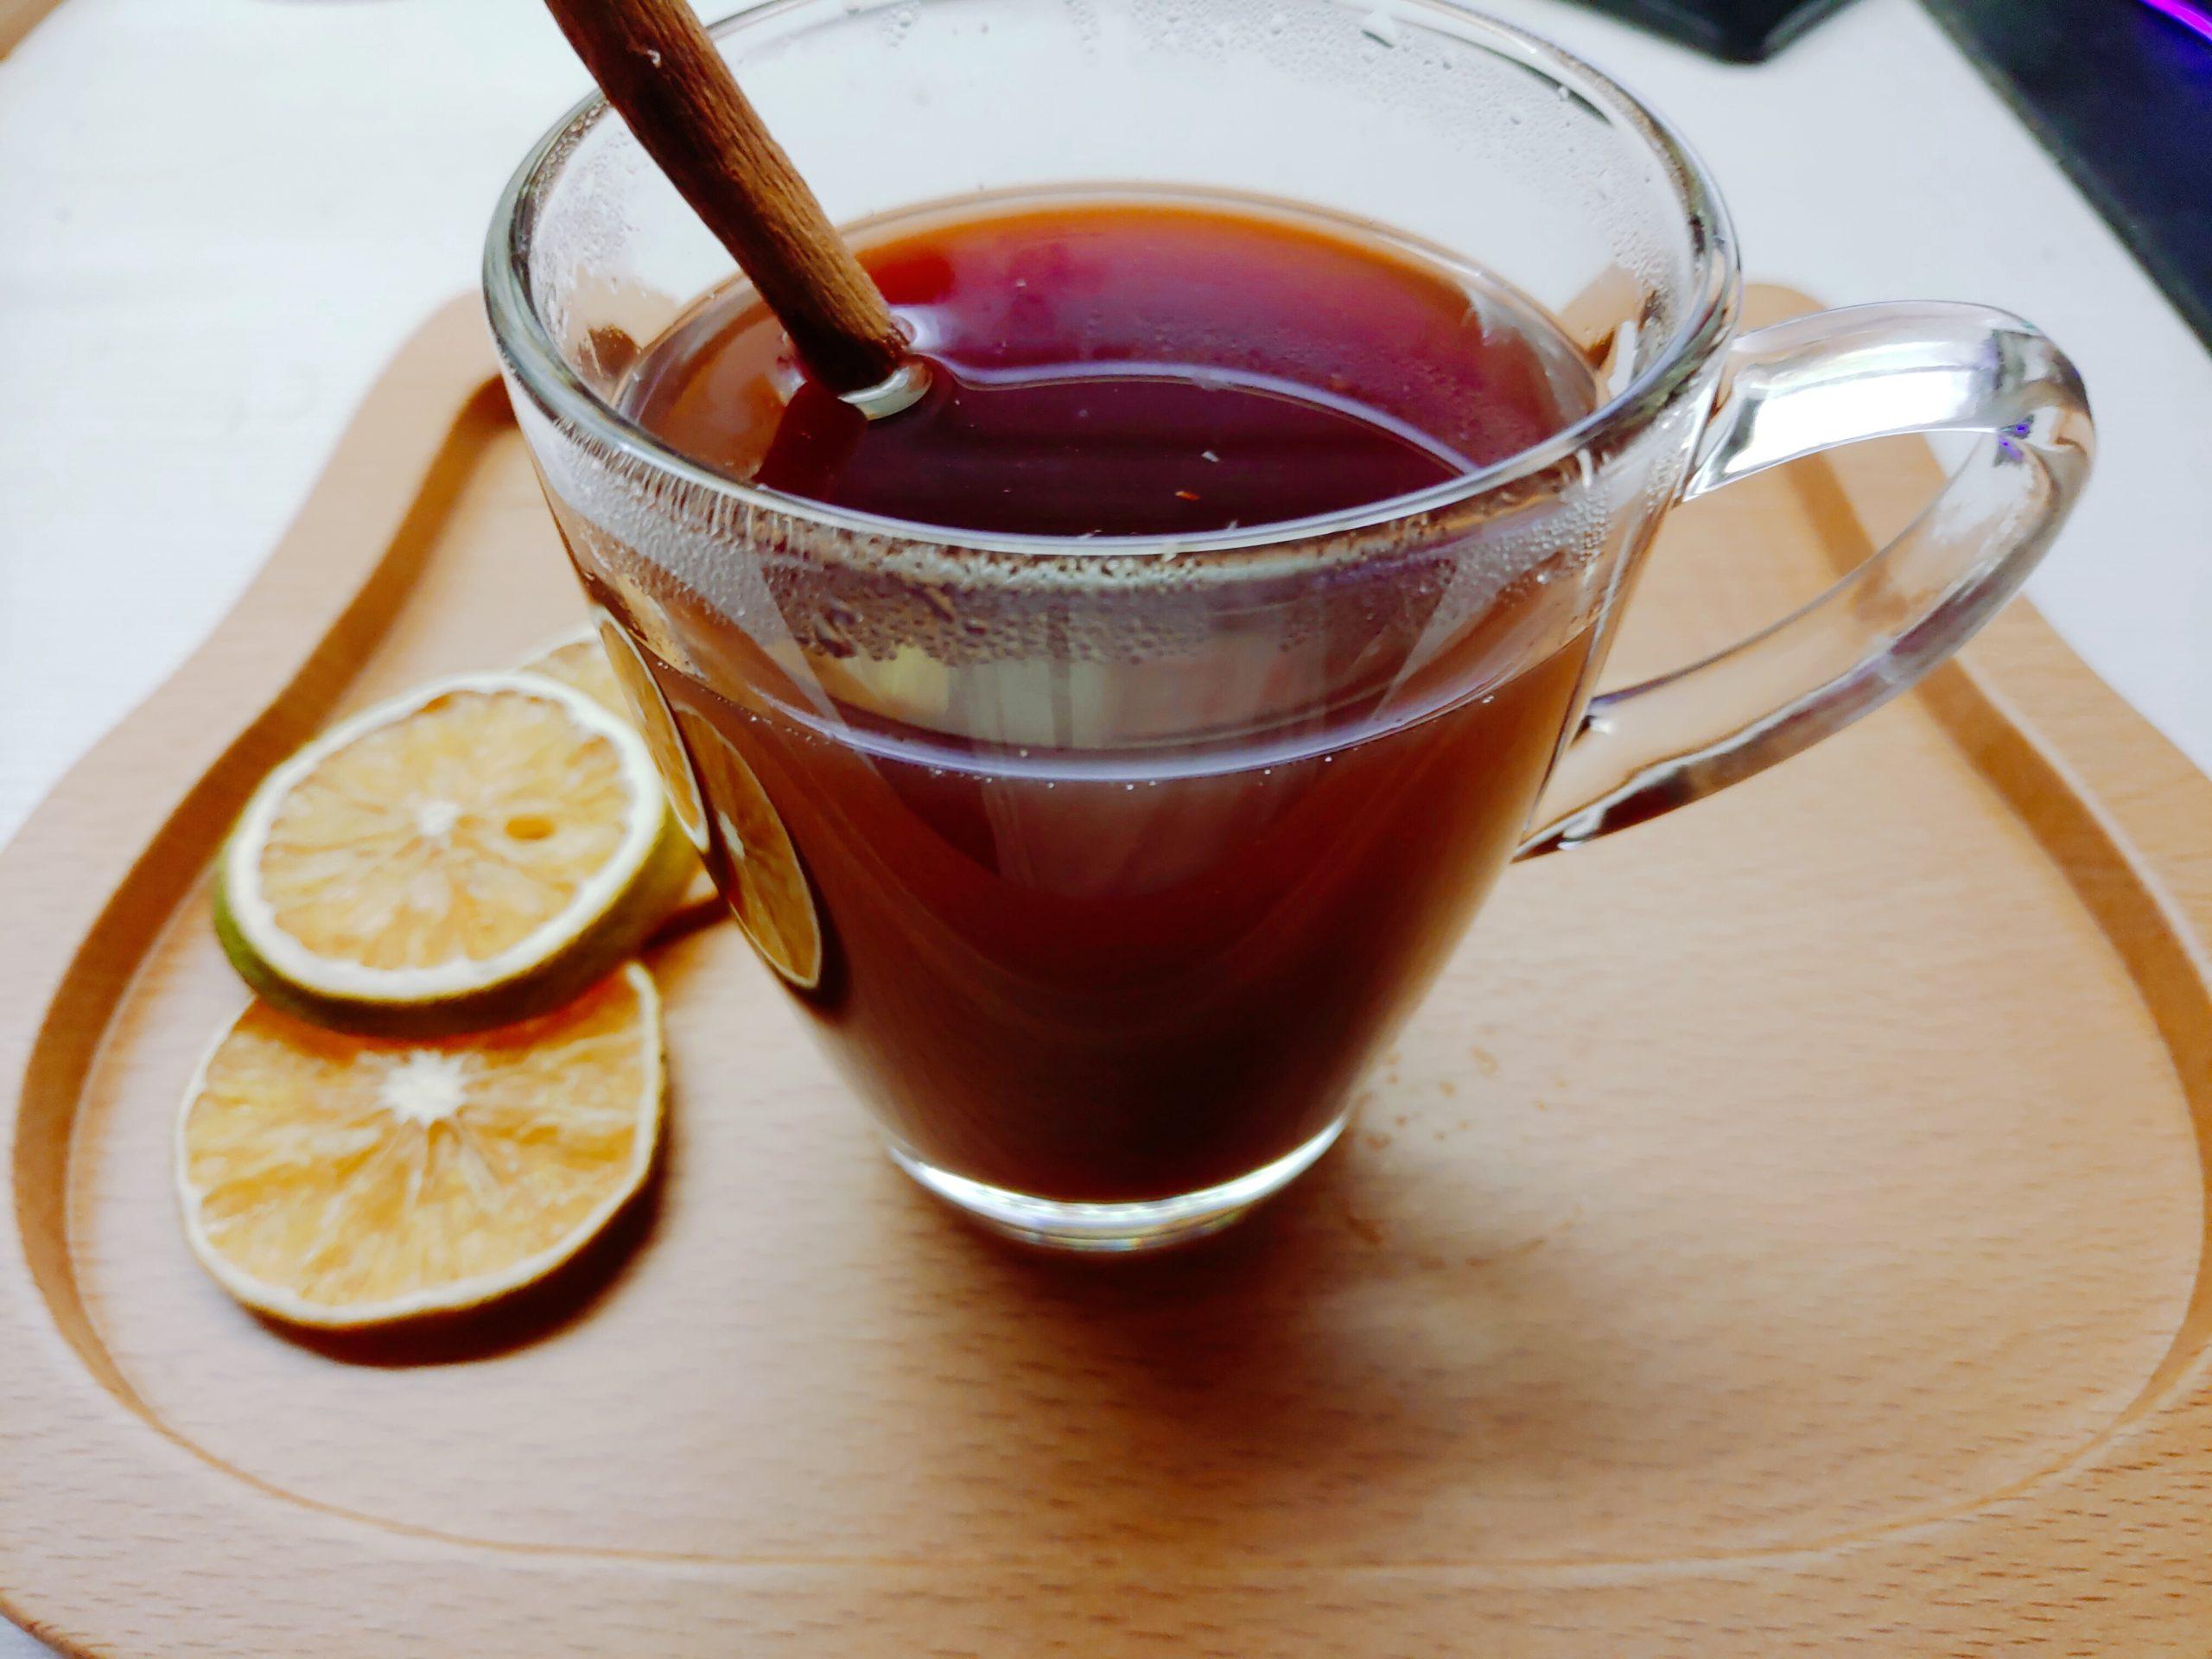 【酒譜】香料熱紅酒|冷天必備熱紅酒,喝了身暖心更暖